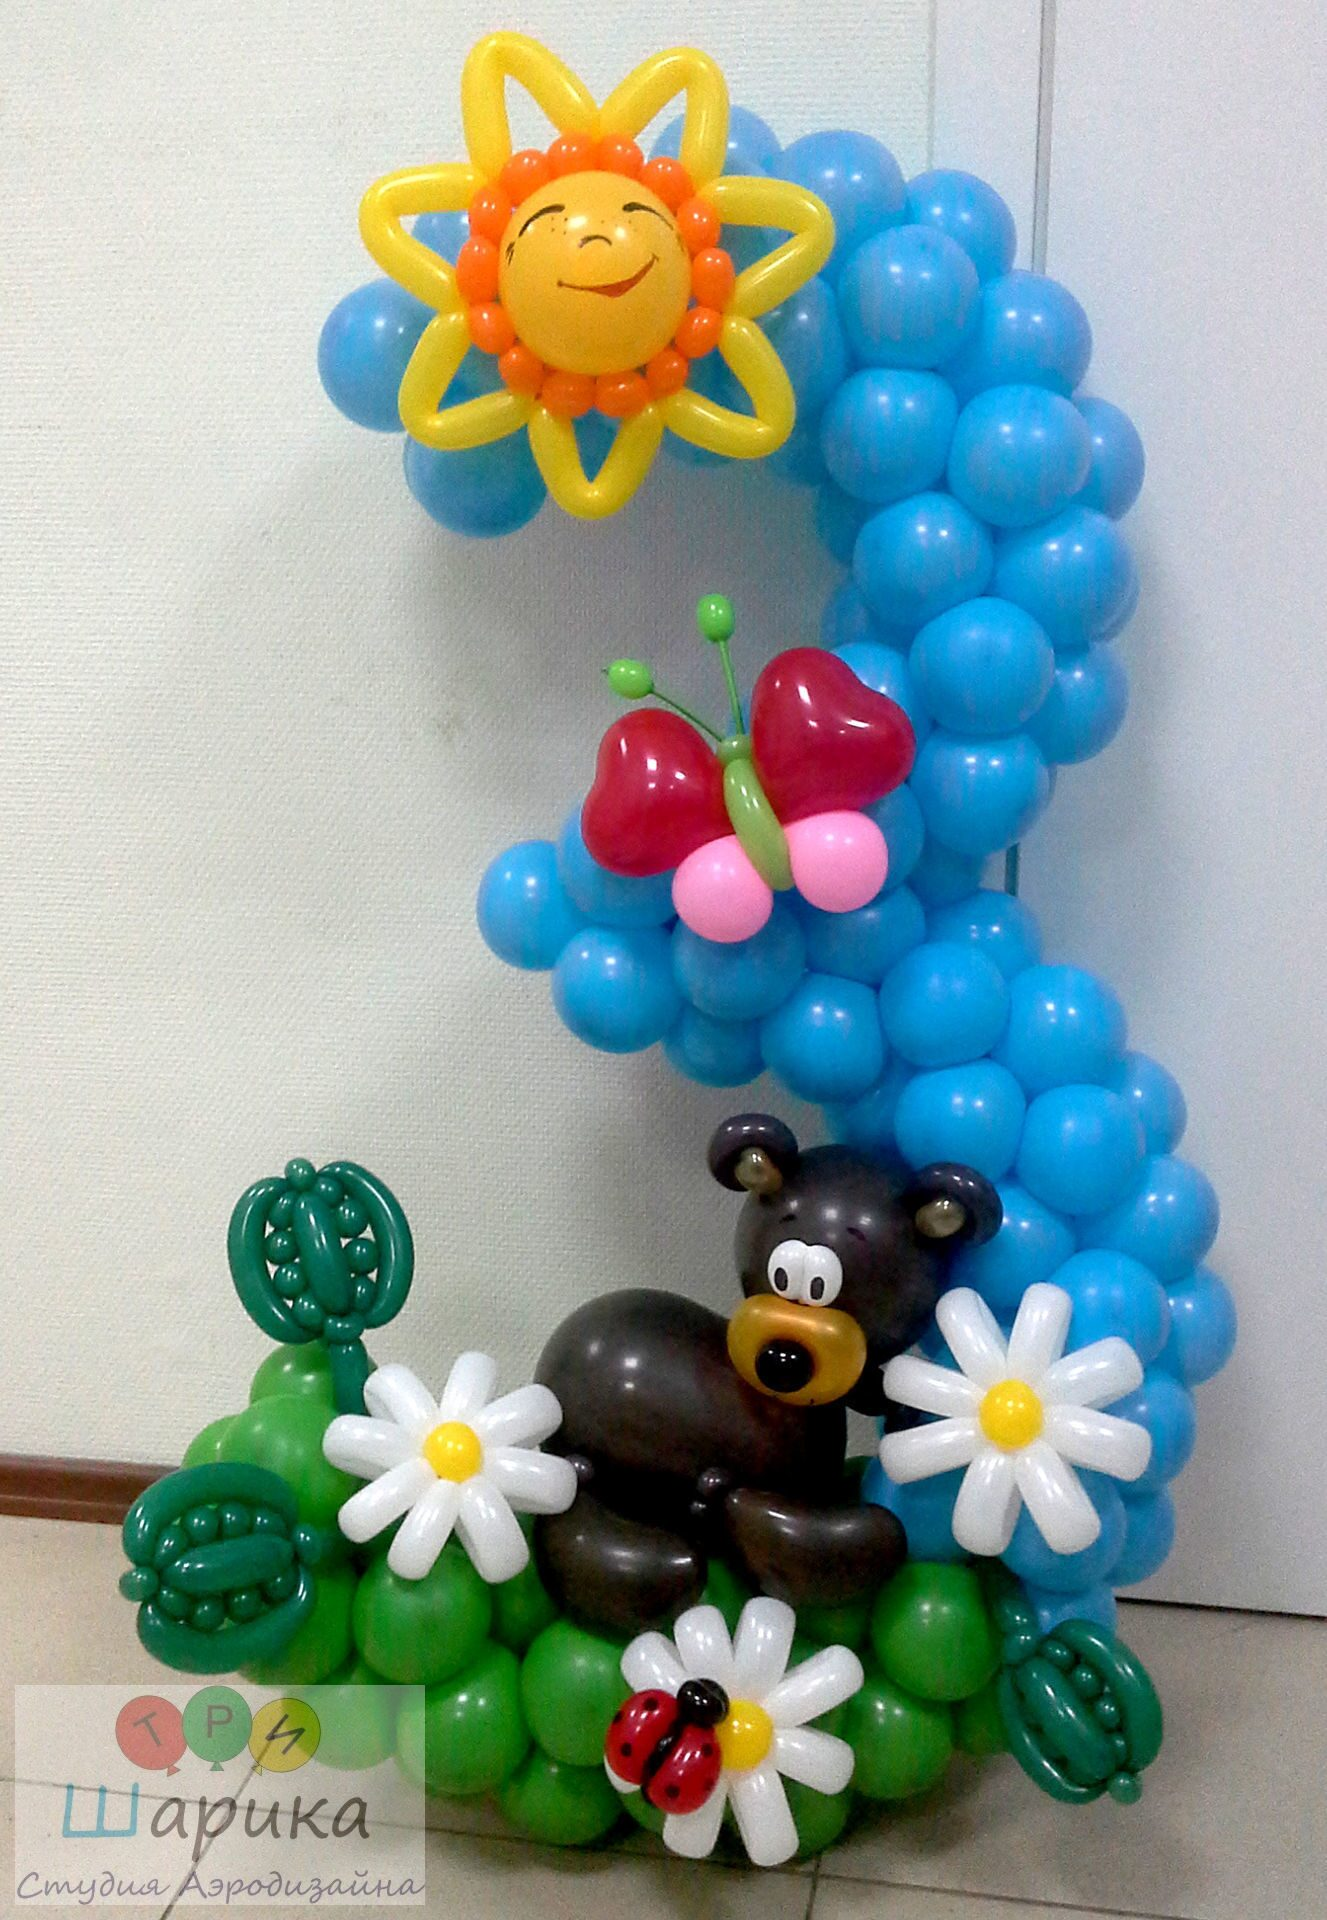 Шары на день рождения с доставкой, фигурки из шариков, цифры 38